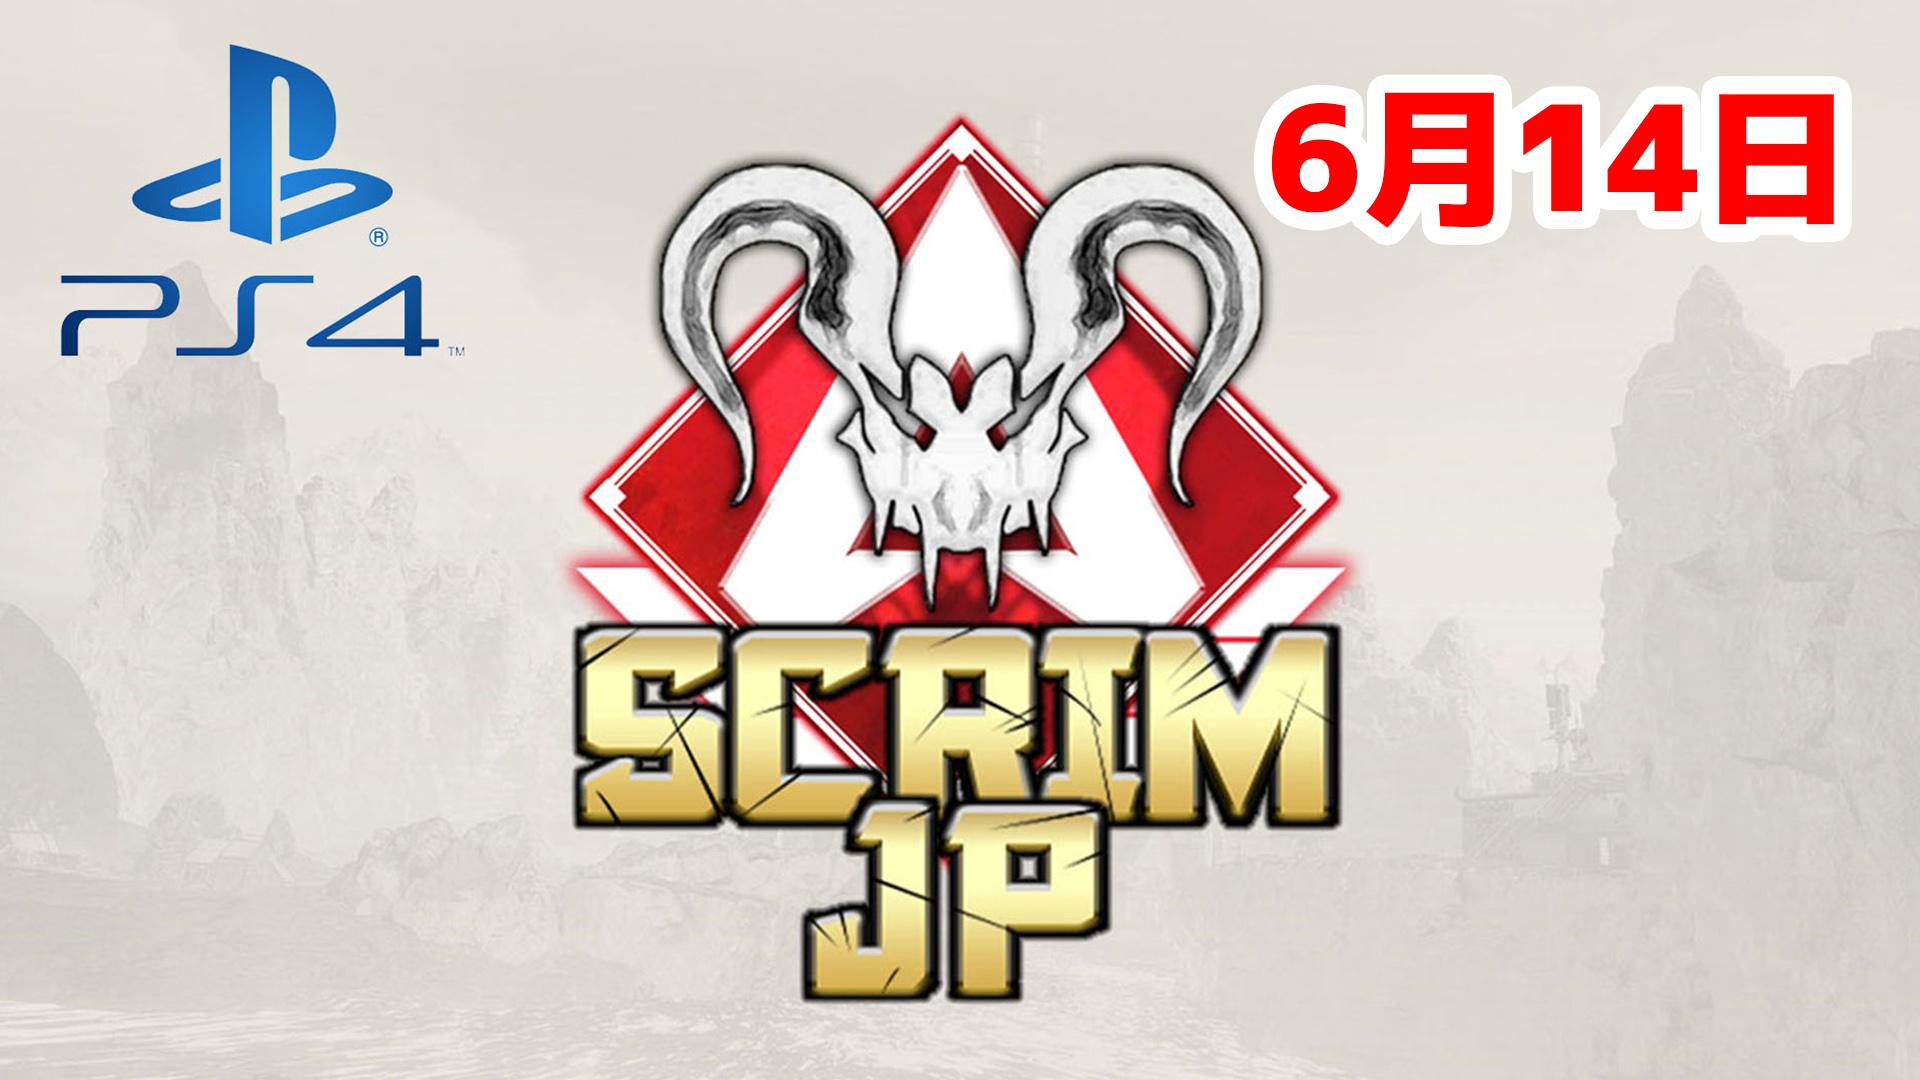 【大会アーカイブ】Apex Legends Scrim JP -Predators PS4-【2020/06/14】